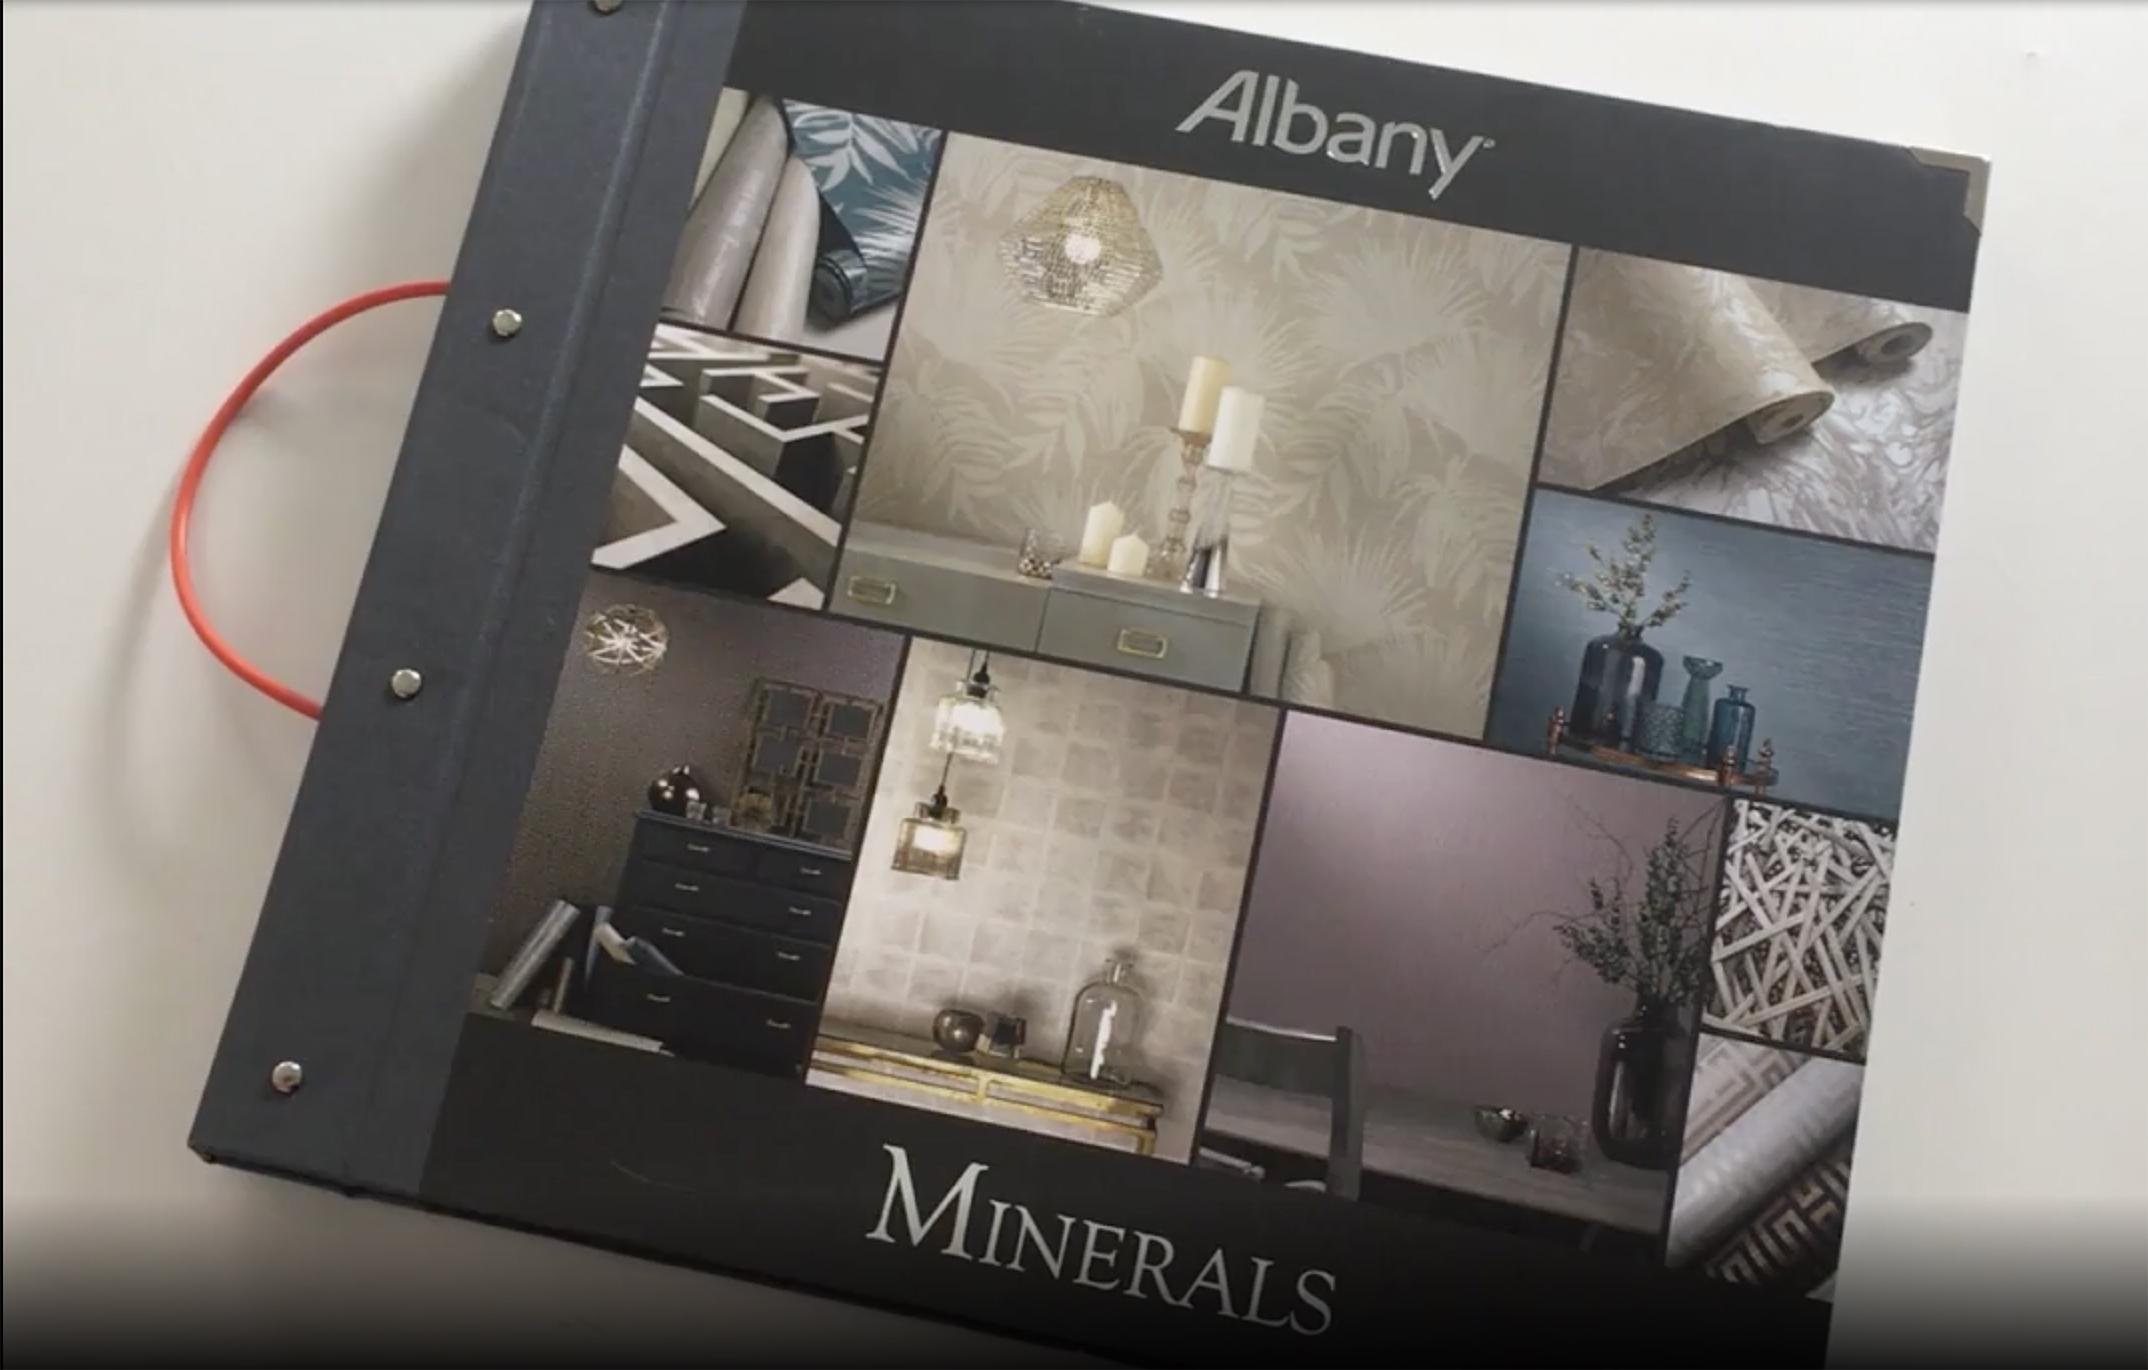 Wallpaper book club – Albany Minerals